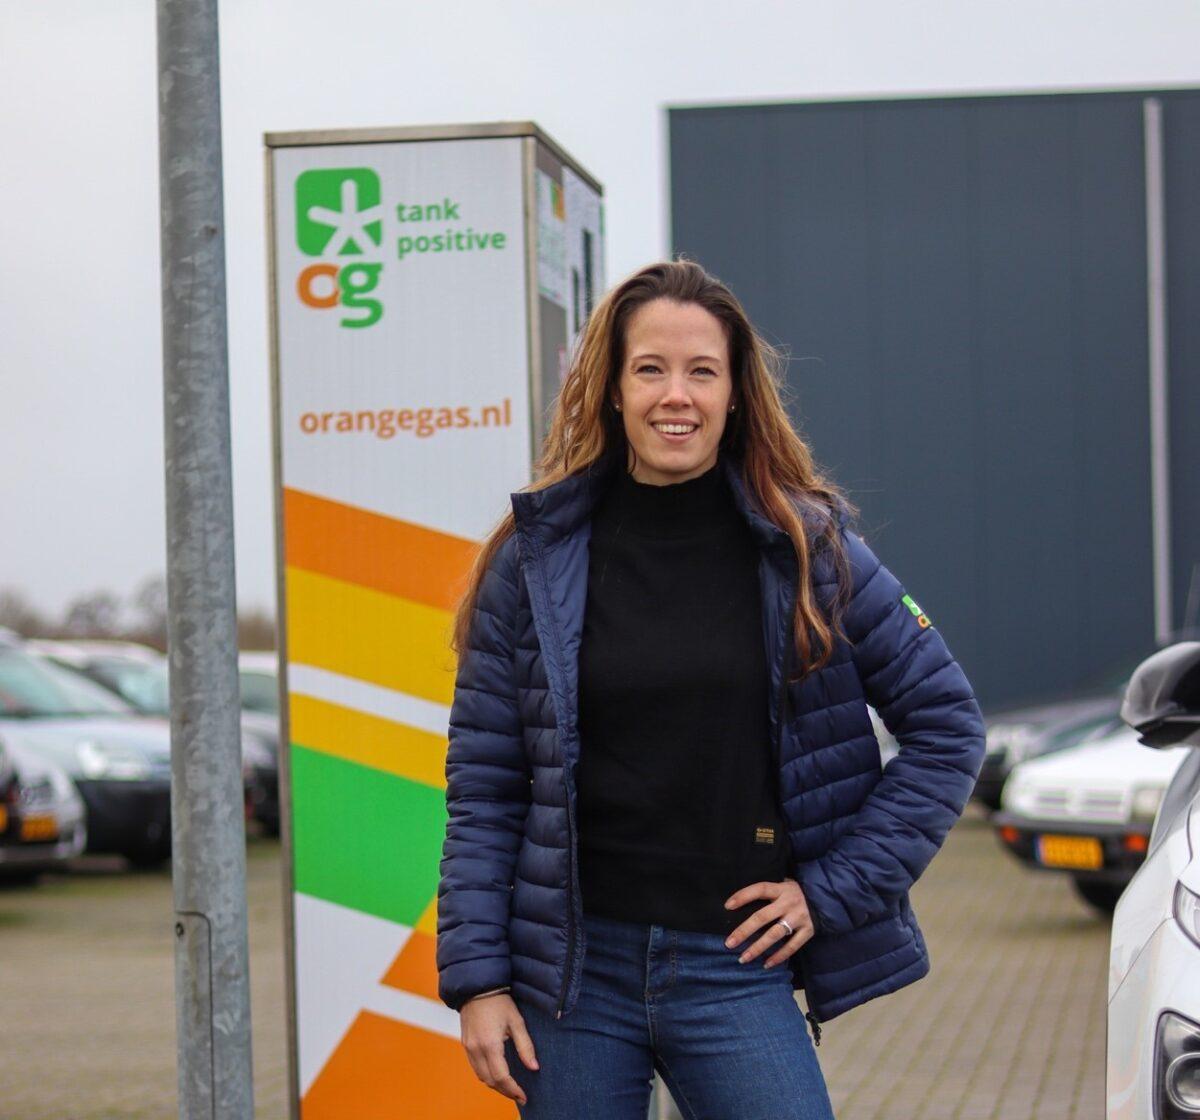 """Van Os de Man (OrangeGas) in nieuwe OF: """"Wij willen de grootste aanbieder van schone brandstoffen in Noordwest-Europa worden"""""""